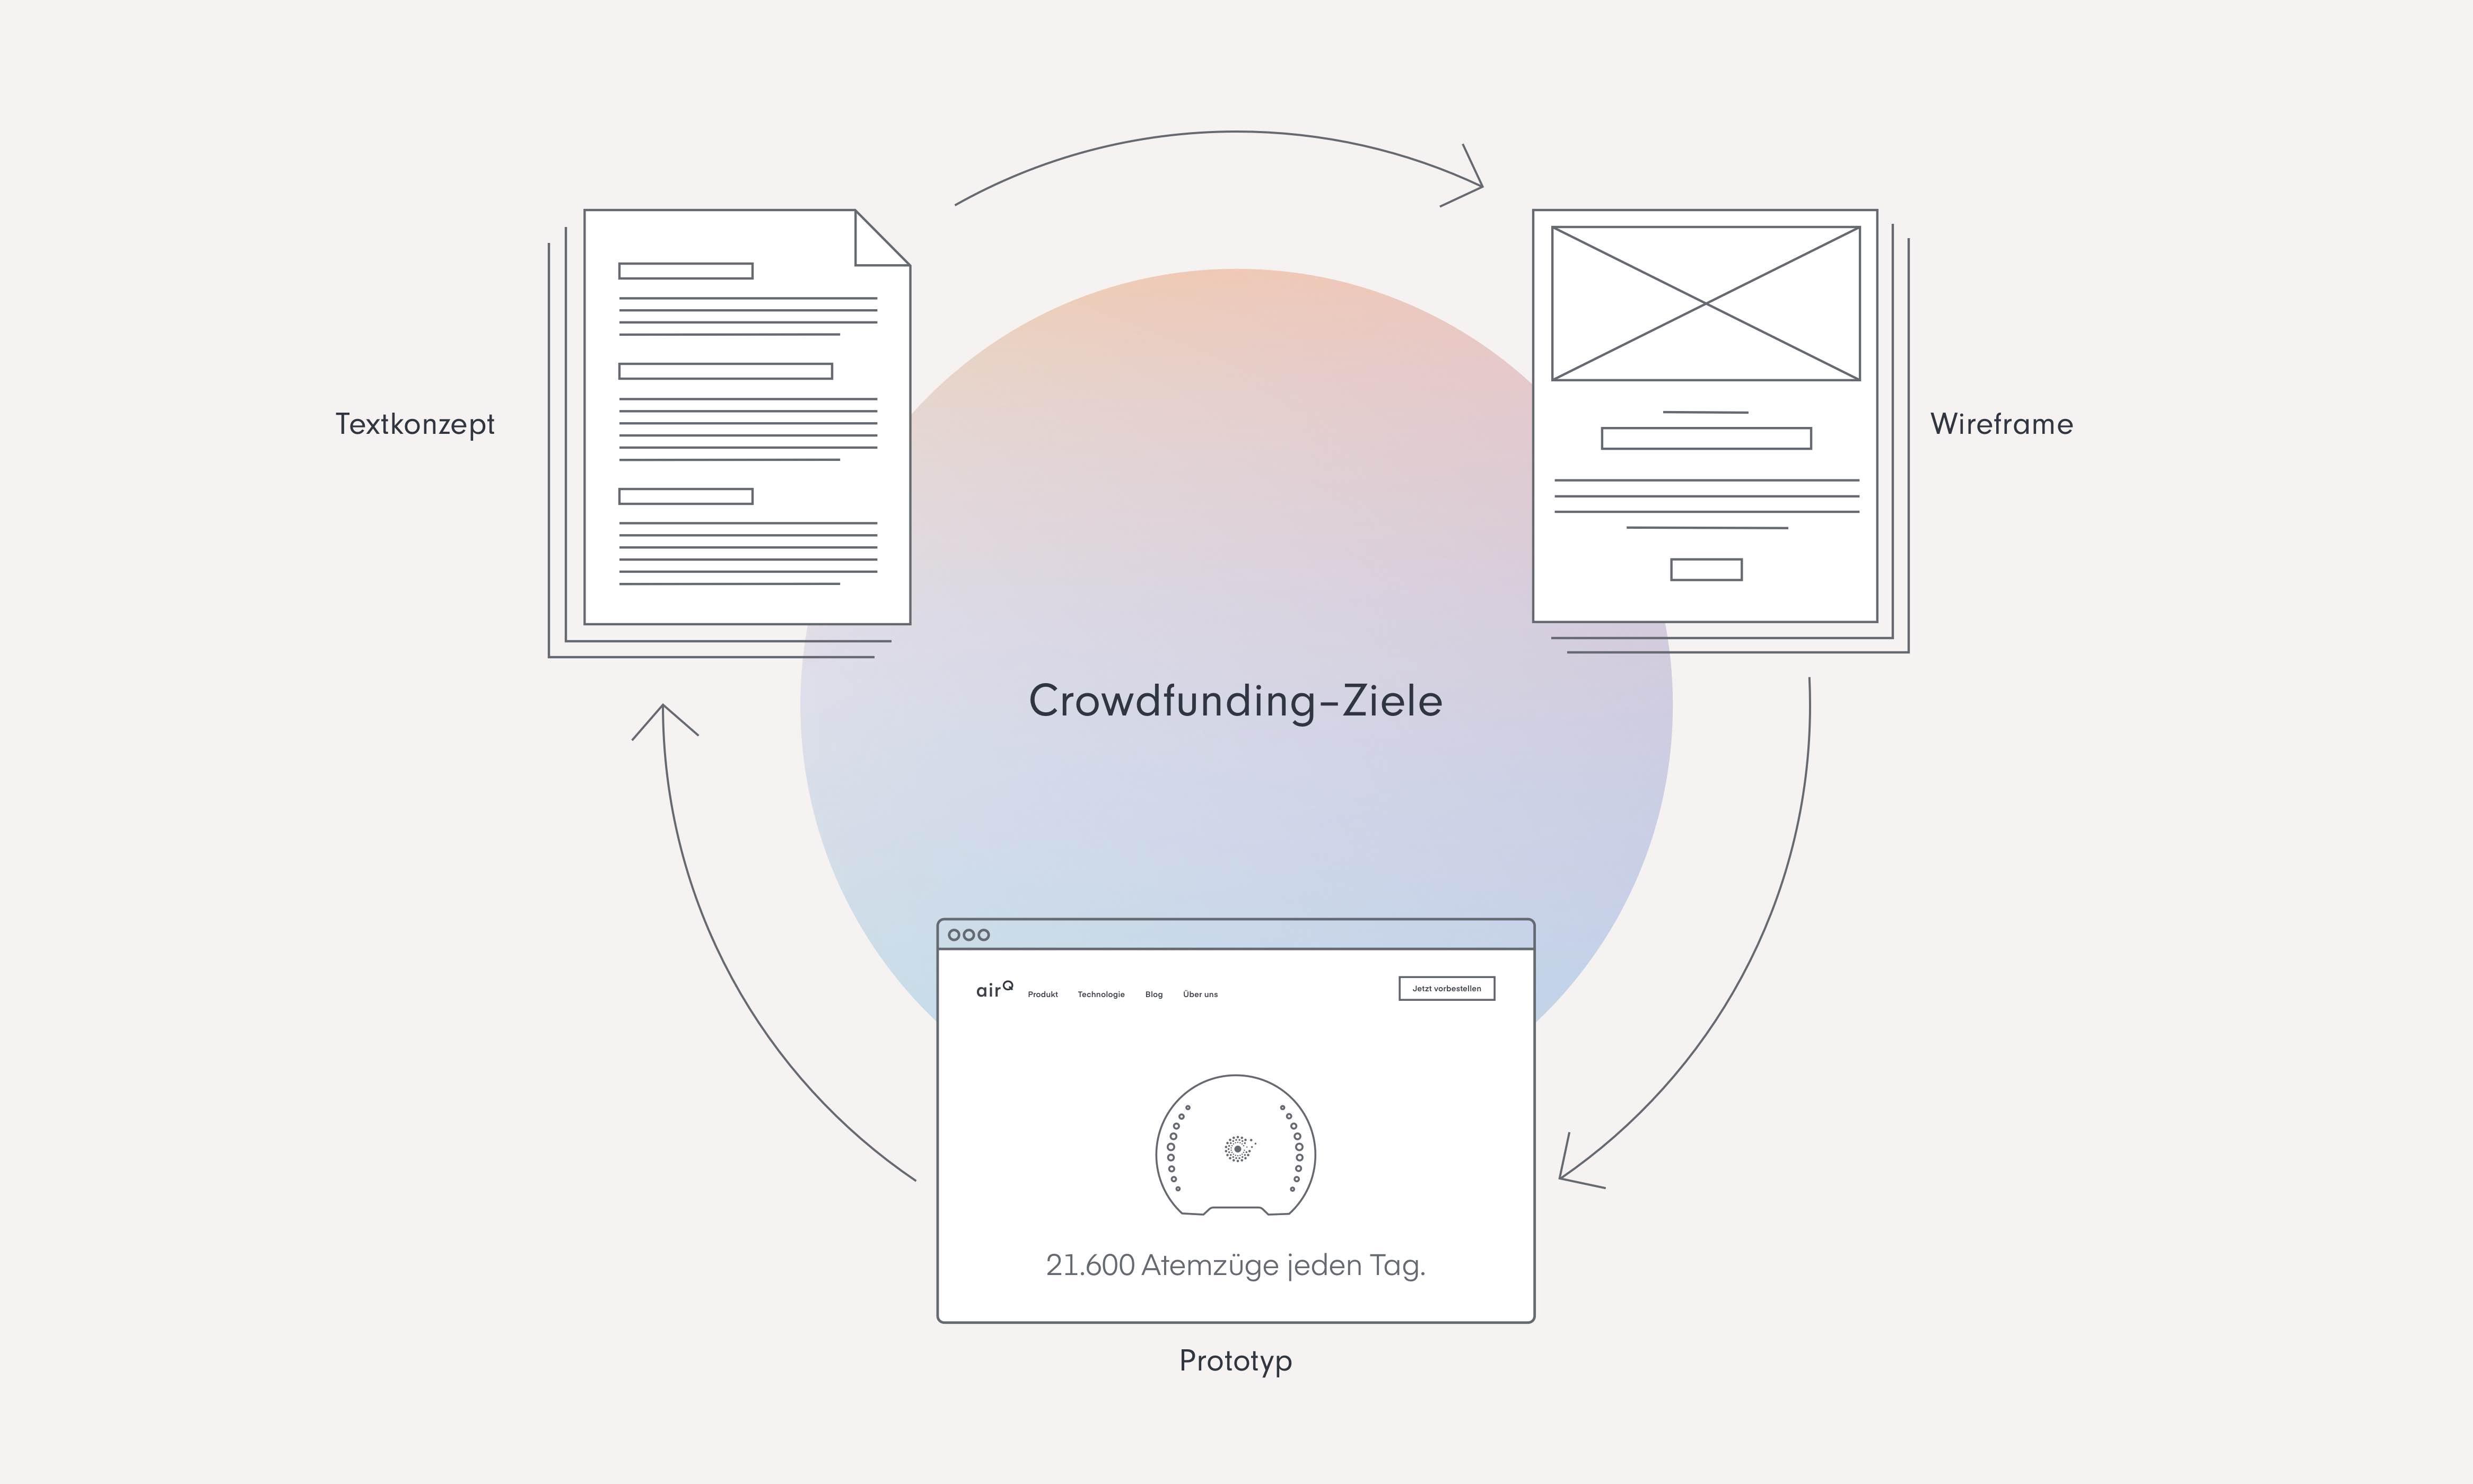 """Grafik mit großen Kreis in der Mitte (""""Crowdfunding-Ziele""""), drumherum 3 Grafiken die durch Pfeile verbunden sind, 1. """"Textkonzept"""", 2. """"Wireframe"""", 3. """"Prototyp"""""""